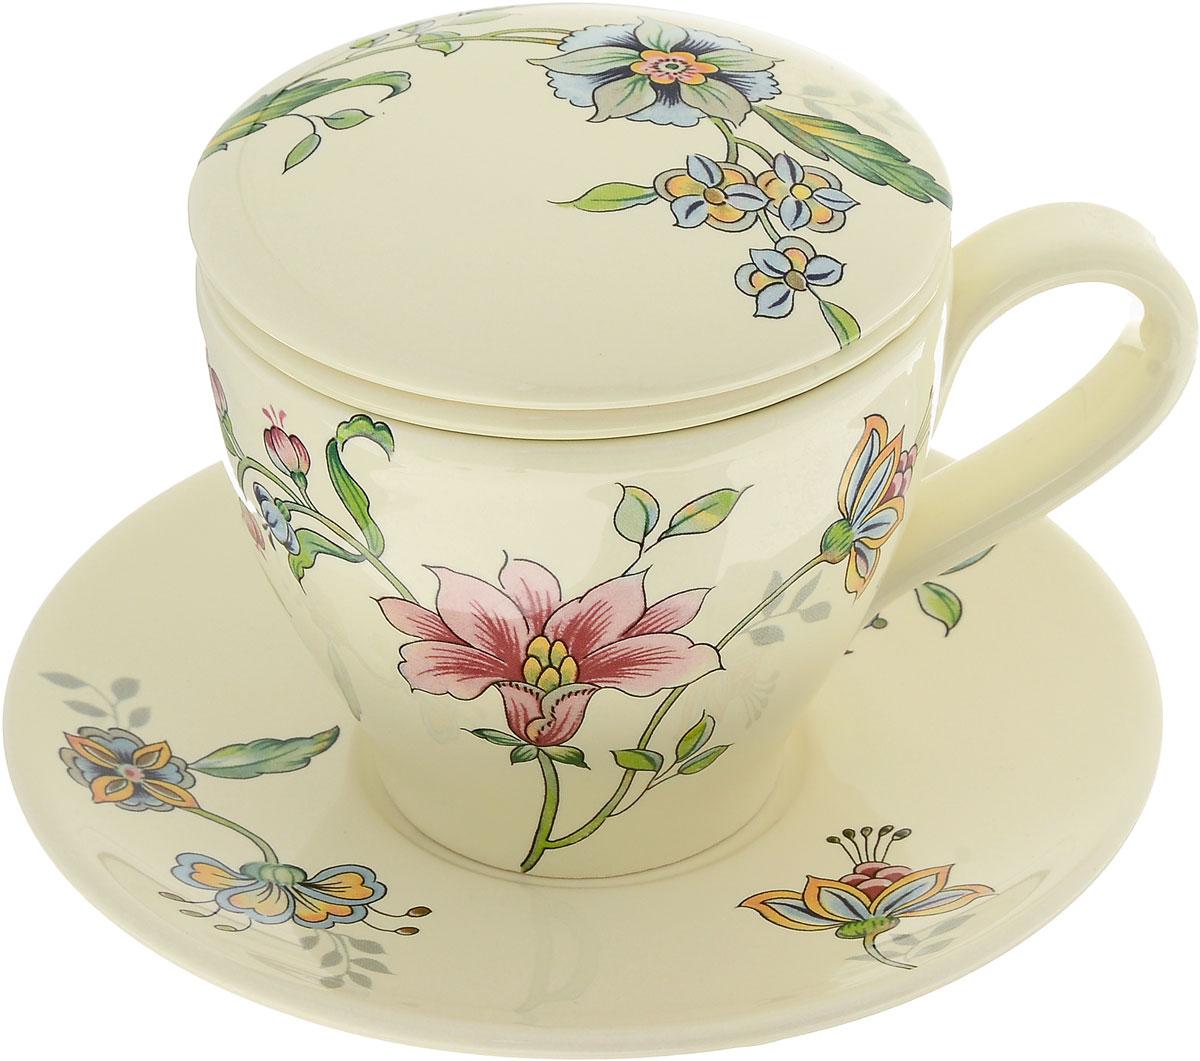 Набор чайный Nuova Cer Прованс, 4 предметаPRV-7392Чайный набор Nuova Cer Прованс состоит из чашки, заварочного фильтра, крышки и блюдца, изготовленных из высококачественной керамики. Изделия оформлены цветочным узором. Красочность оформления придется по вкусу и ценителям классики, и тем, кто предпочитает утонченность и изысканность. Такой набор прекрасно дополнит сервировку стола к чаепитию и подчеркнет ваш безупречный вкус.Чайный набор Nuova Cer Прованс - это прекрасный подарок к любому случаю. Изделия нельзя мыть в посудомоечной машине.Объем чашки: 400 мл.Диаметр чашки (по верхнему краю): 10 см.Высота чашки: 9 см.Диаметр фильтра: 8,5 см.Высота фильтра: 6 см.Диаметр крышки: 10,5 см.Диаметр блюдца: 17 см.Высота блюдца: 2 см.